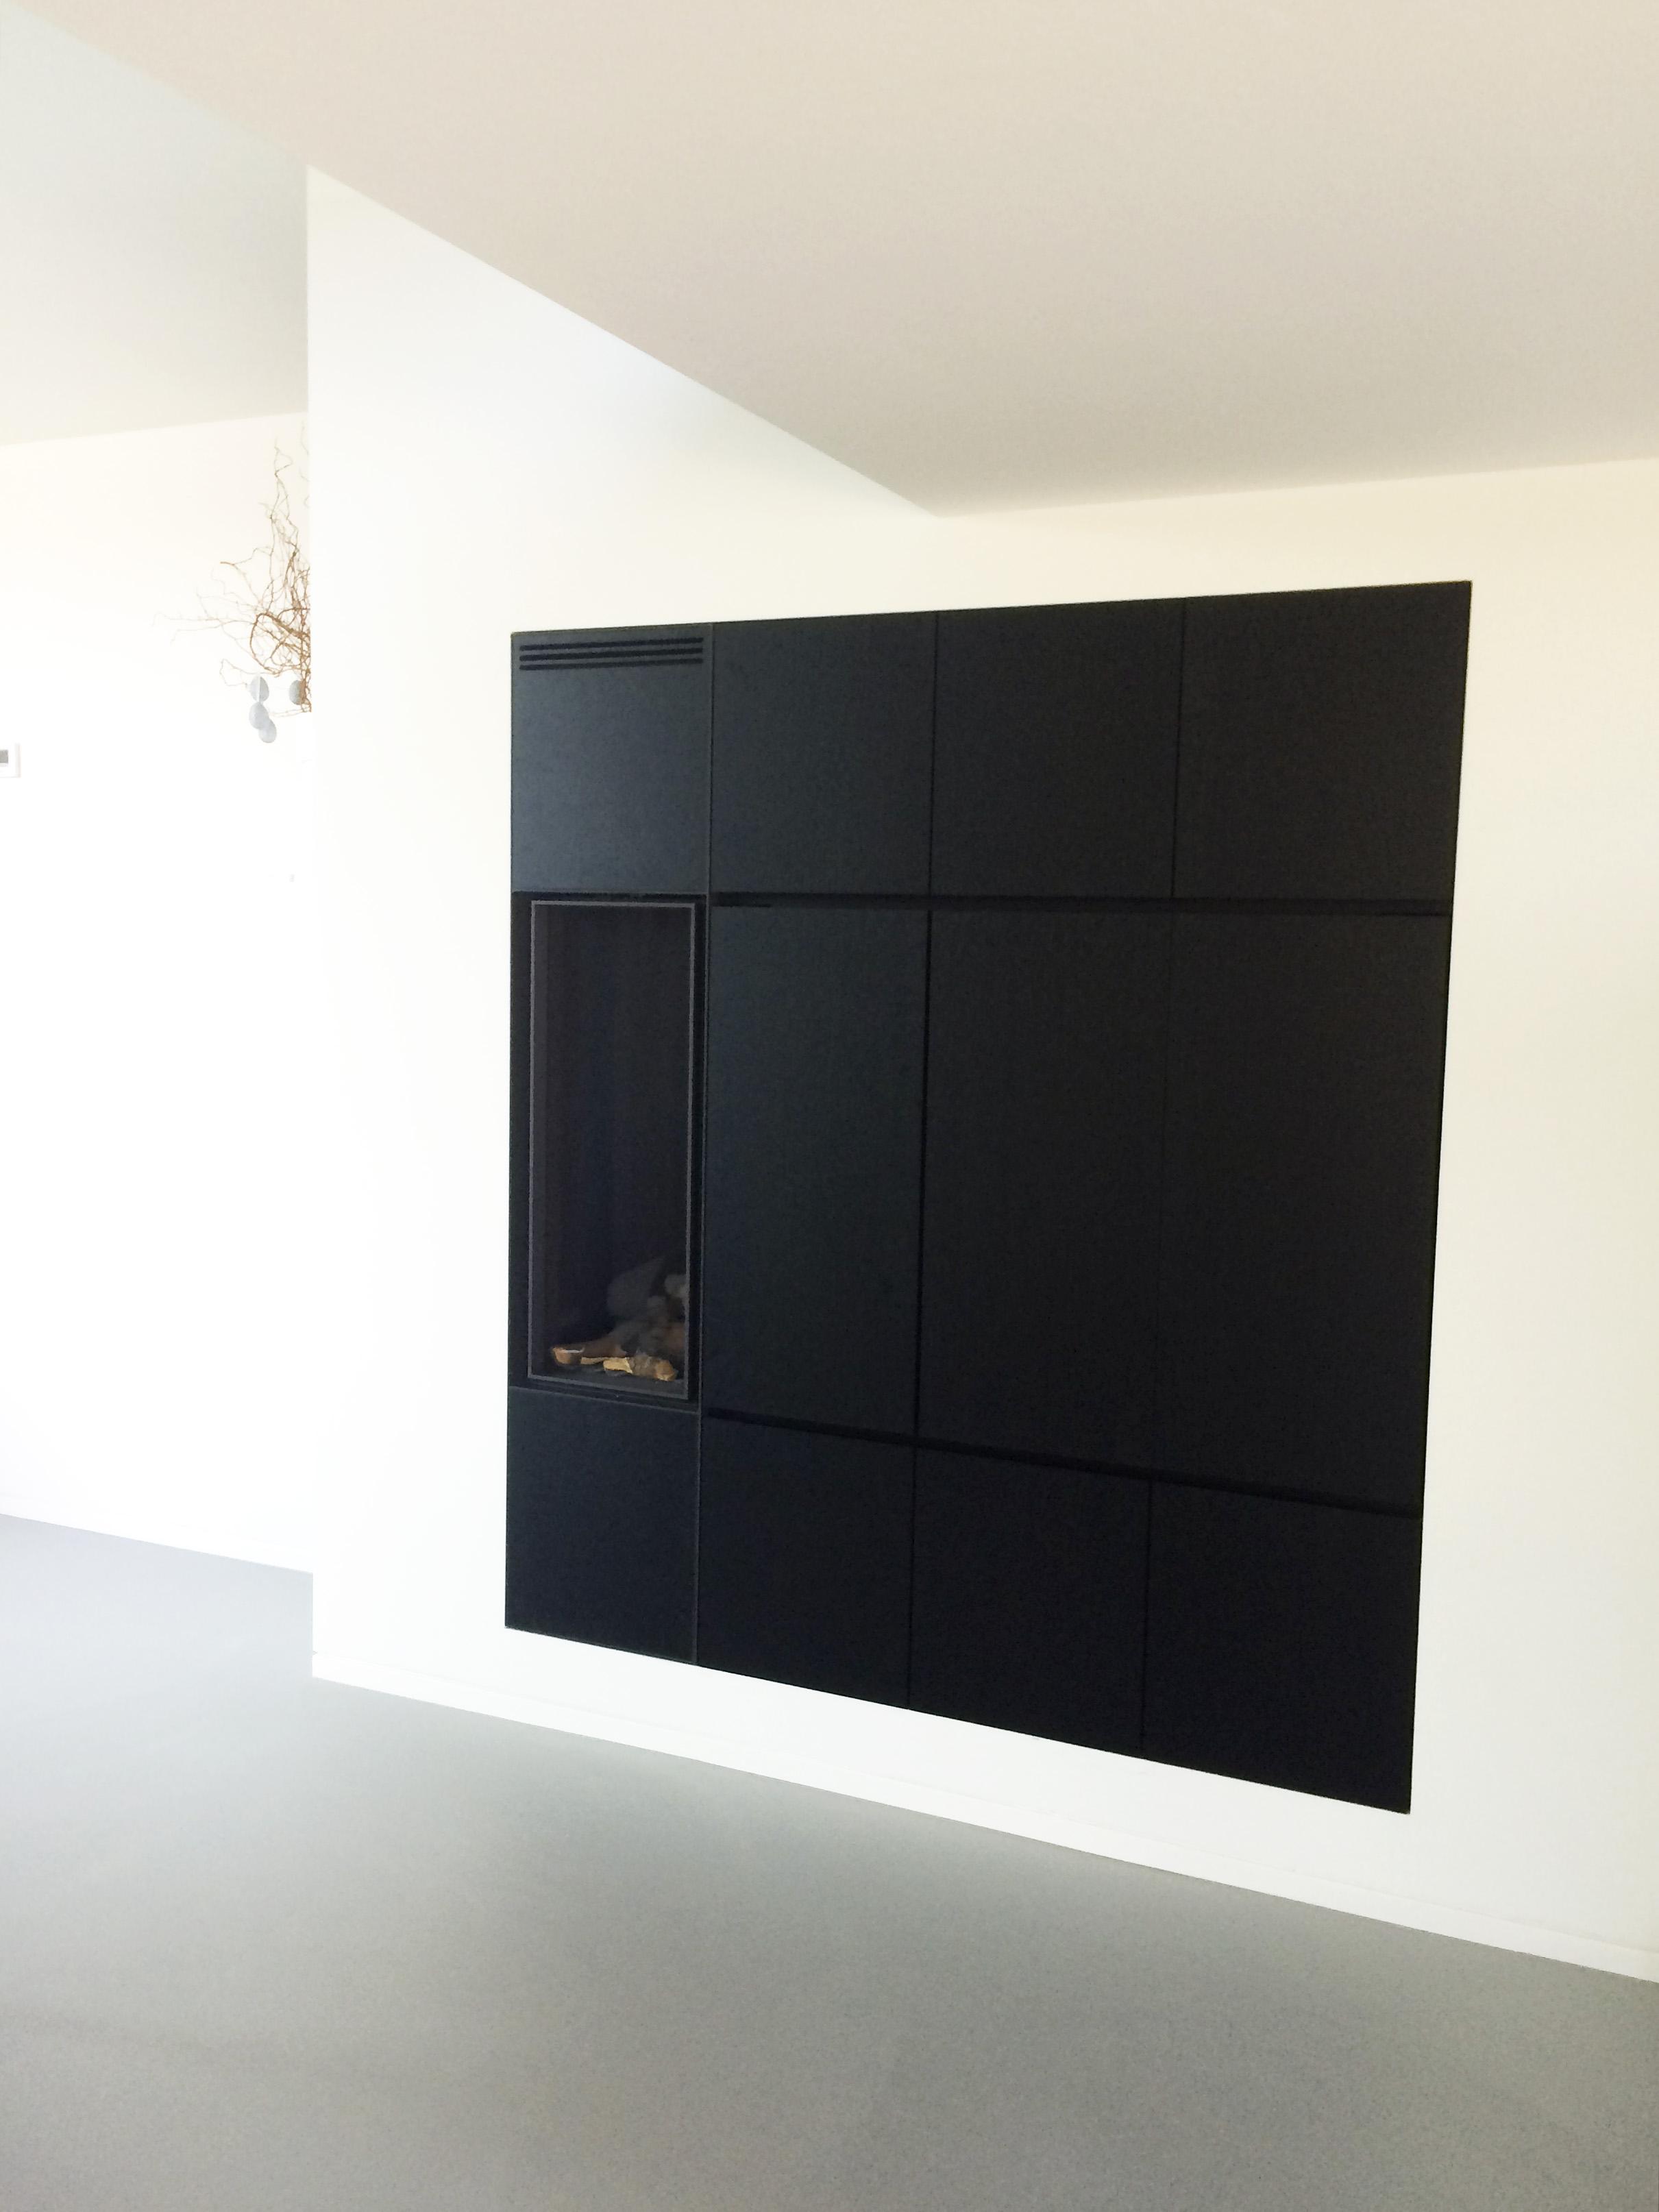 meubel met ingebouwde elektrische sfeerhaard of tv, tv-meubel, haard meubelkast, tv haard meubel